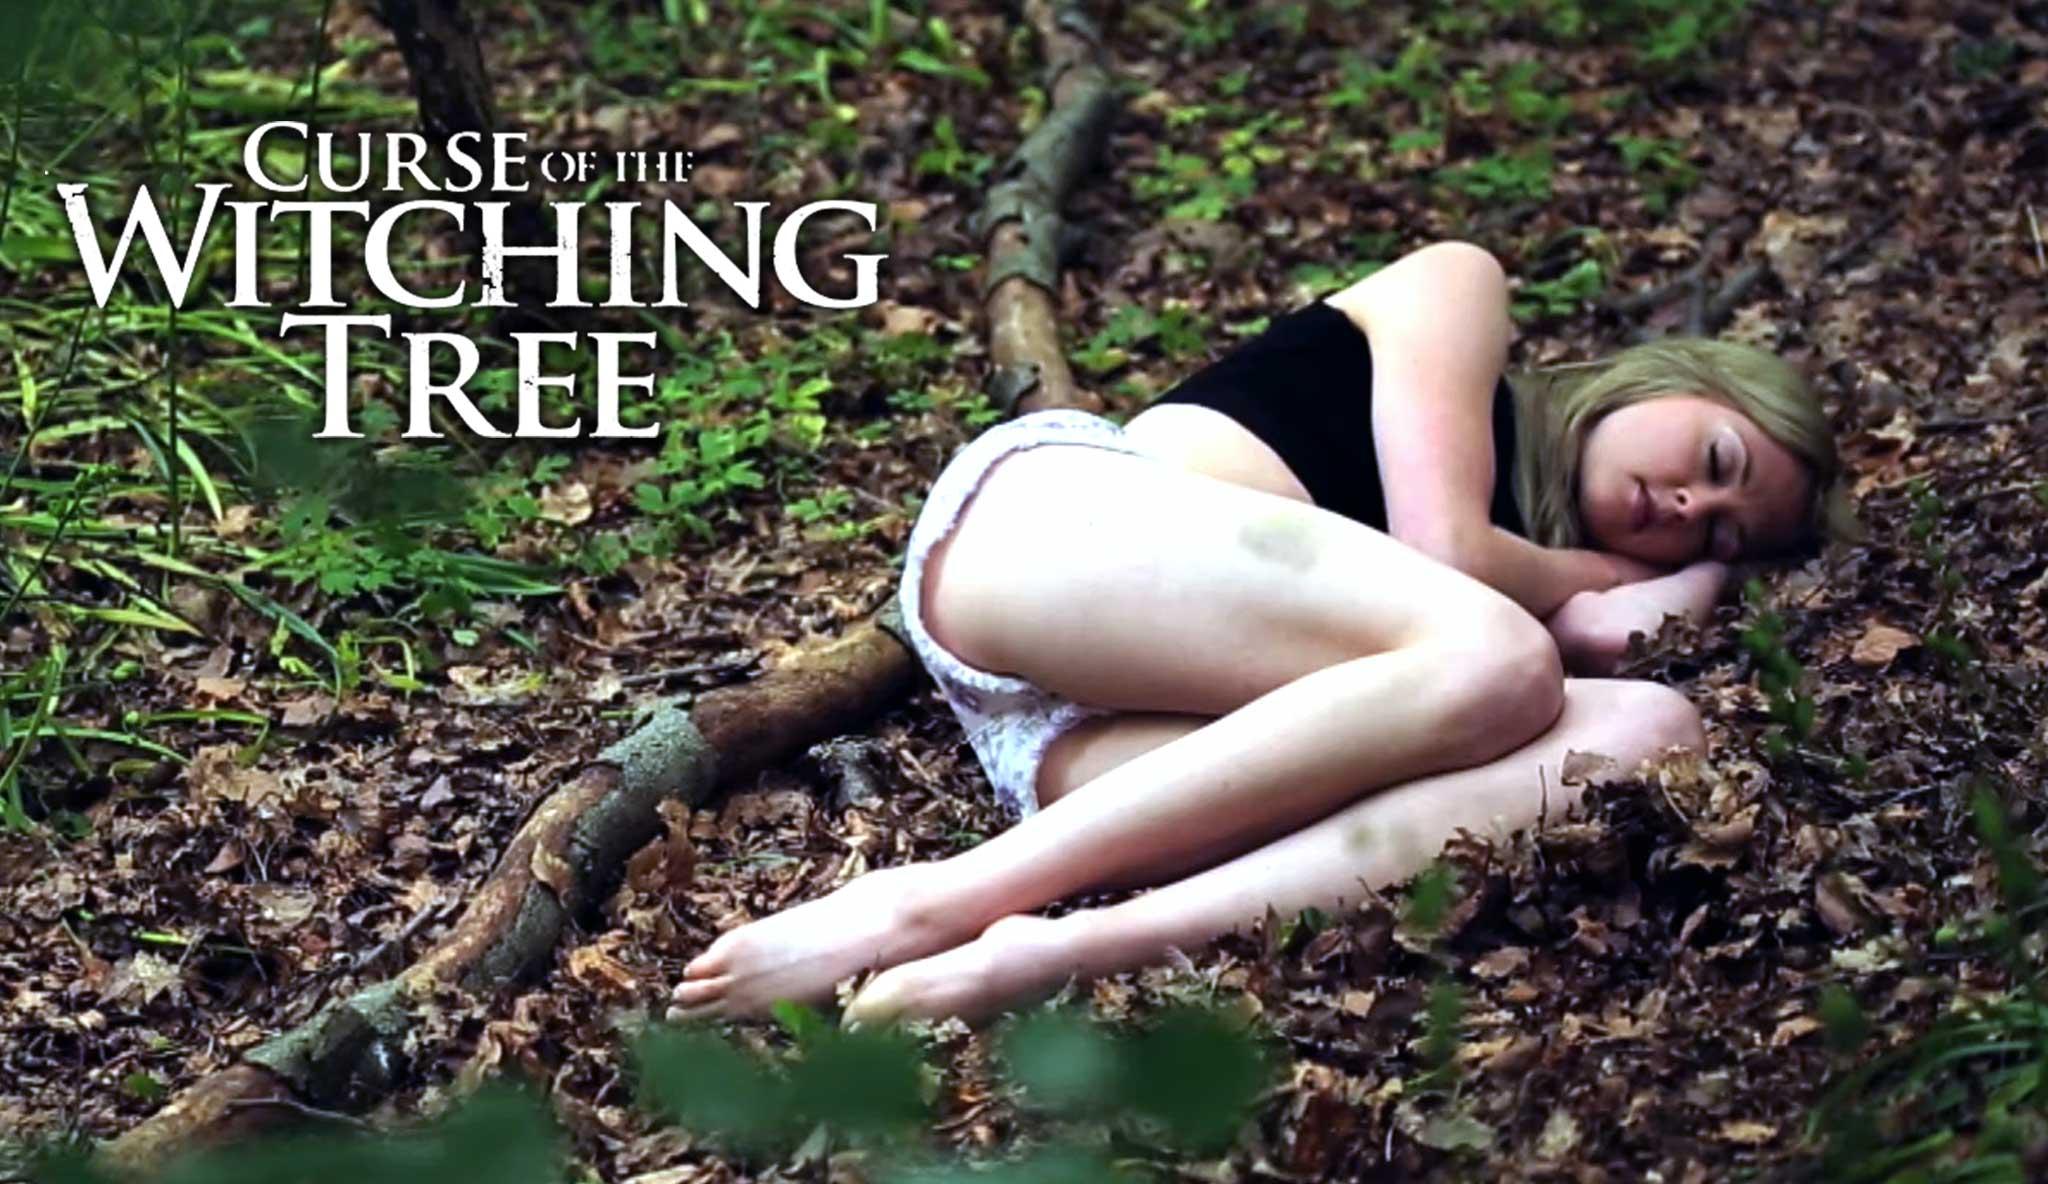 curse-of-the-witching-tree-das-bose-stirbt-nie\header.jpg